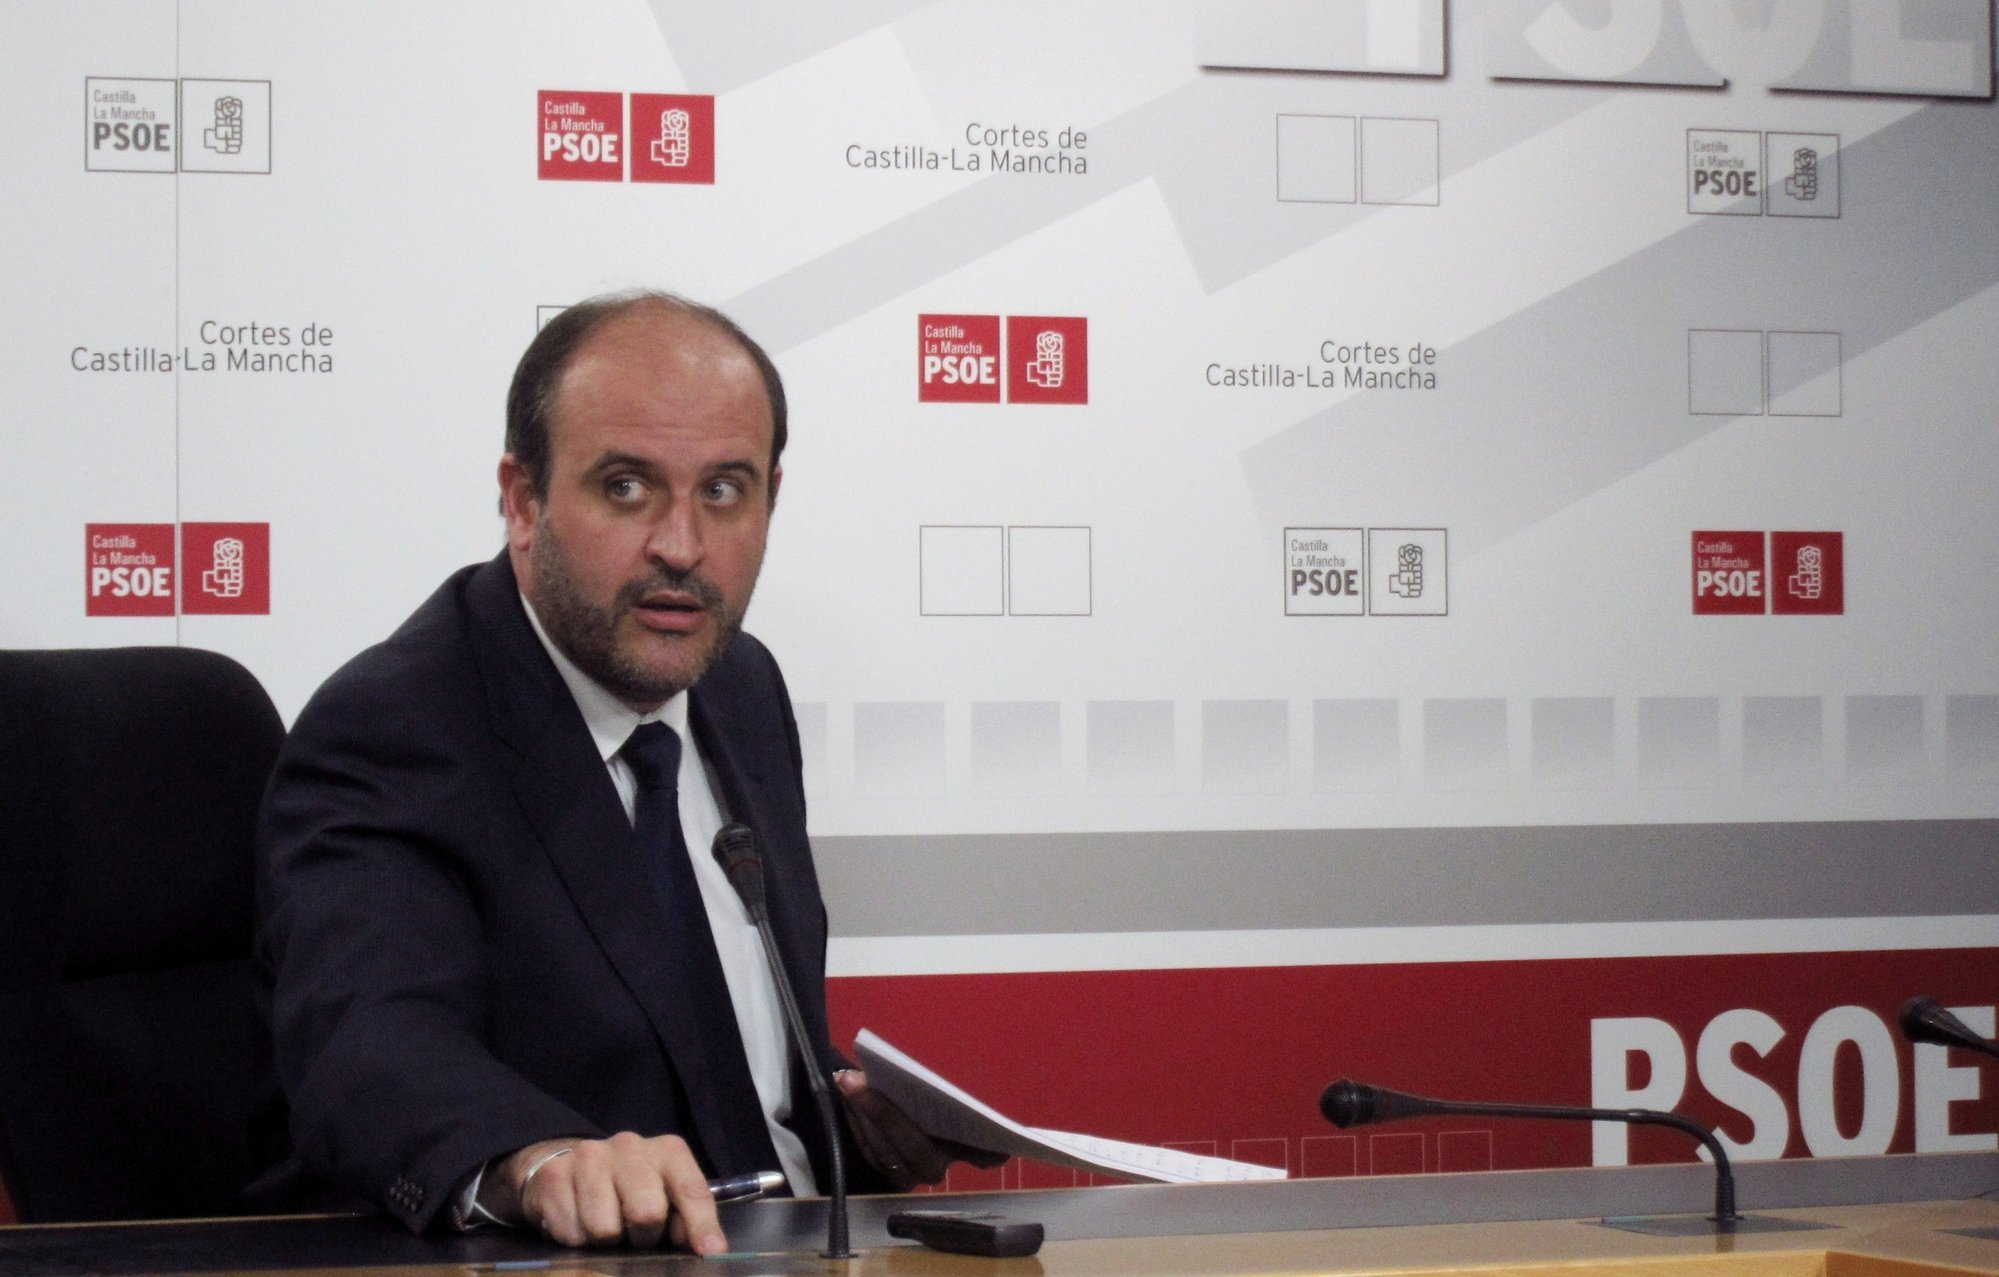 PSOE espera fecha para ir a la Consejería Hacienda y comprobar »in situ» todos los pagos del segundo semestre de 2011